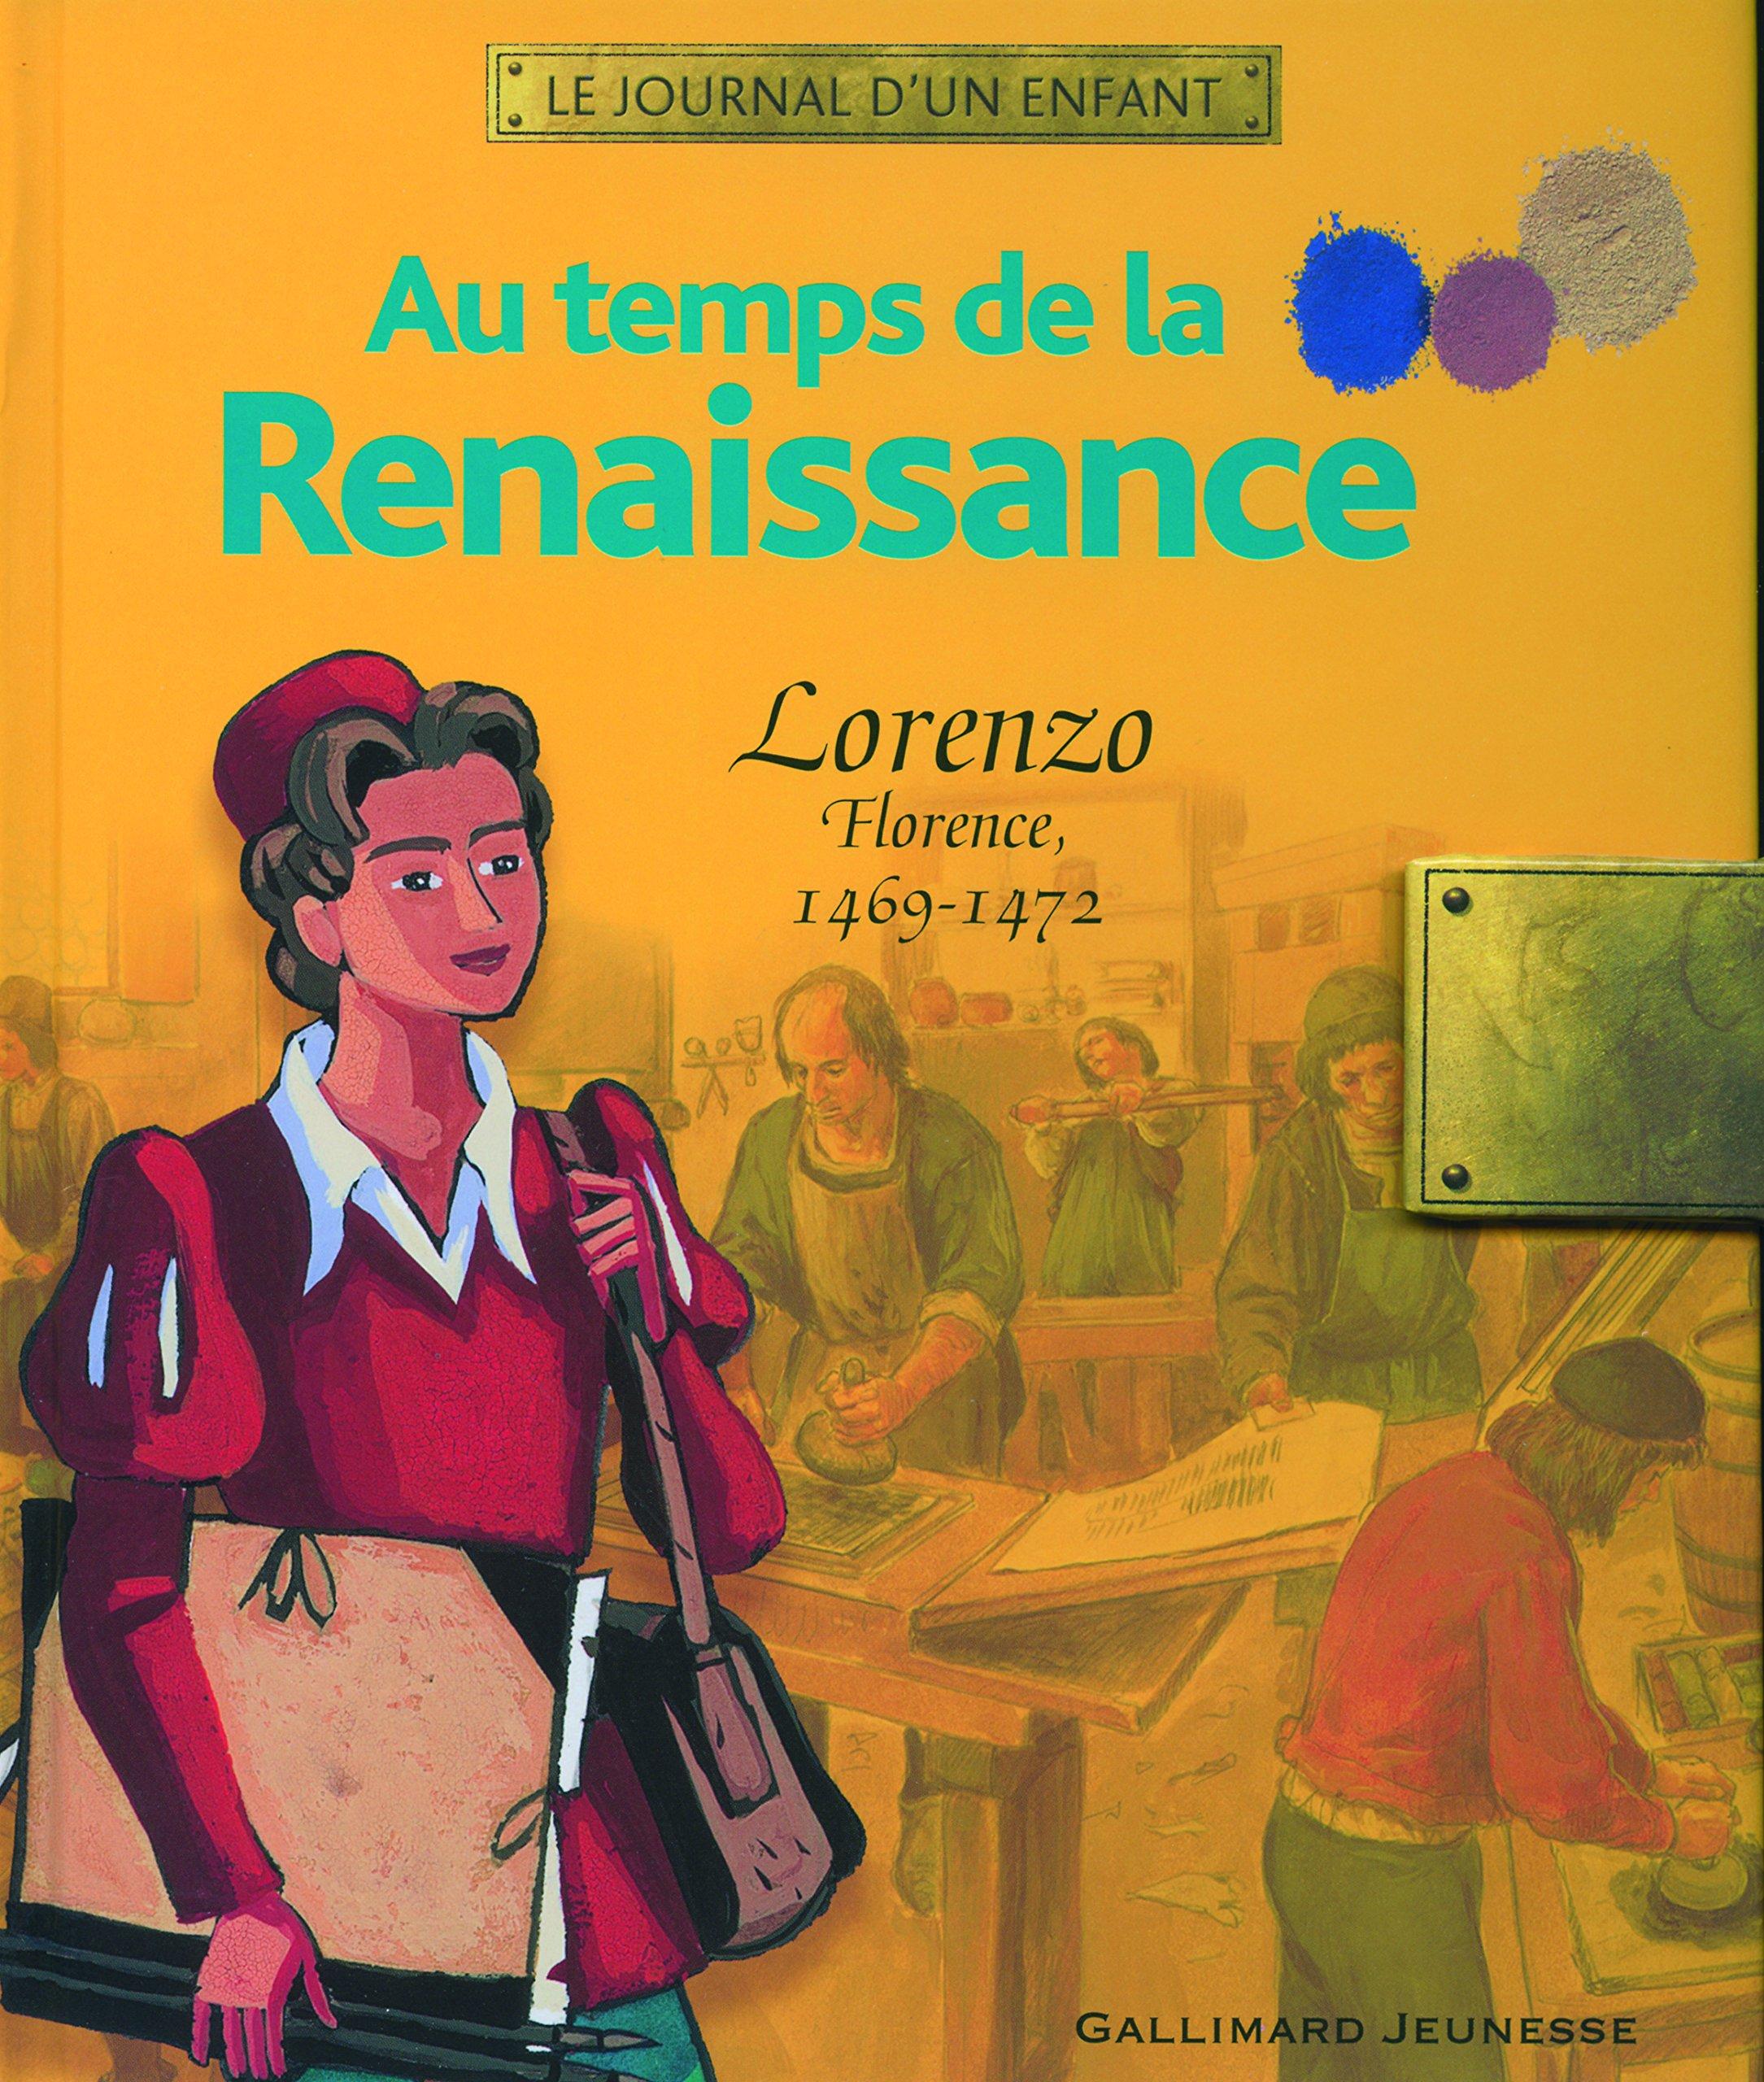 Au temps de la Renaissance: Lorenzo, Florence, 1469-1472 Album – 9 novembre 2006 Karine Safa Michaël Welply Marcelino Truong Gallimard Jeunesse